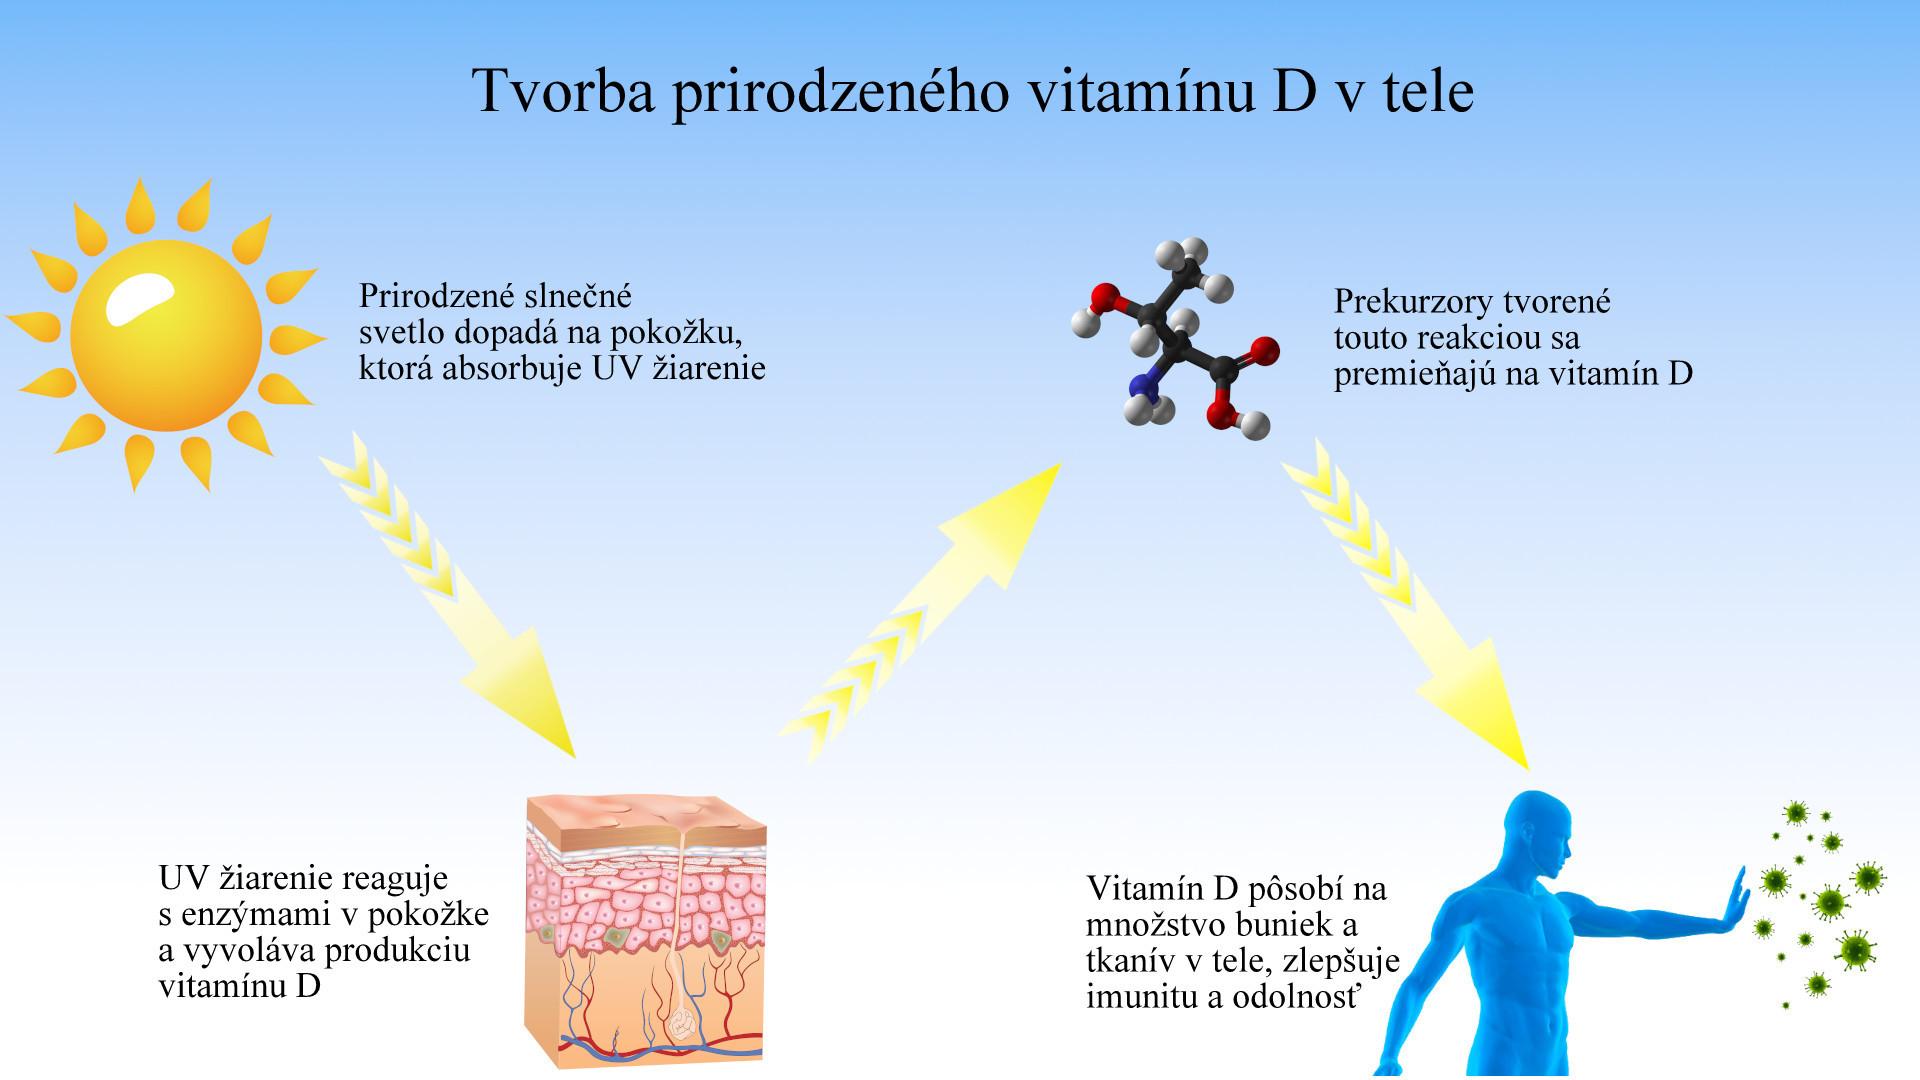 Vitamín D. Čomu môže pomôcť suplementácia týmto vitamínom? ako ho správne dávkovať ?